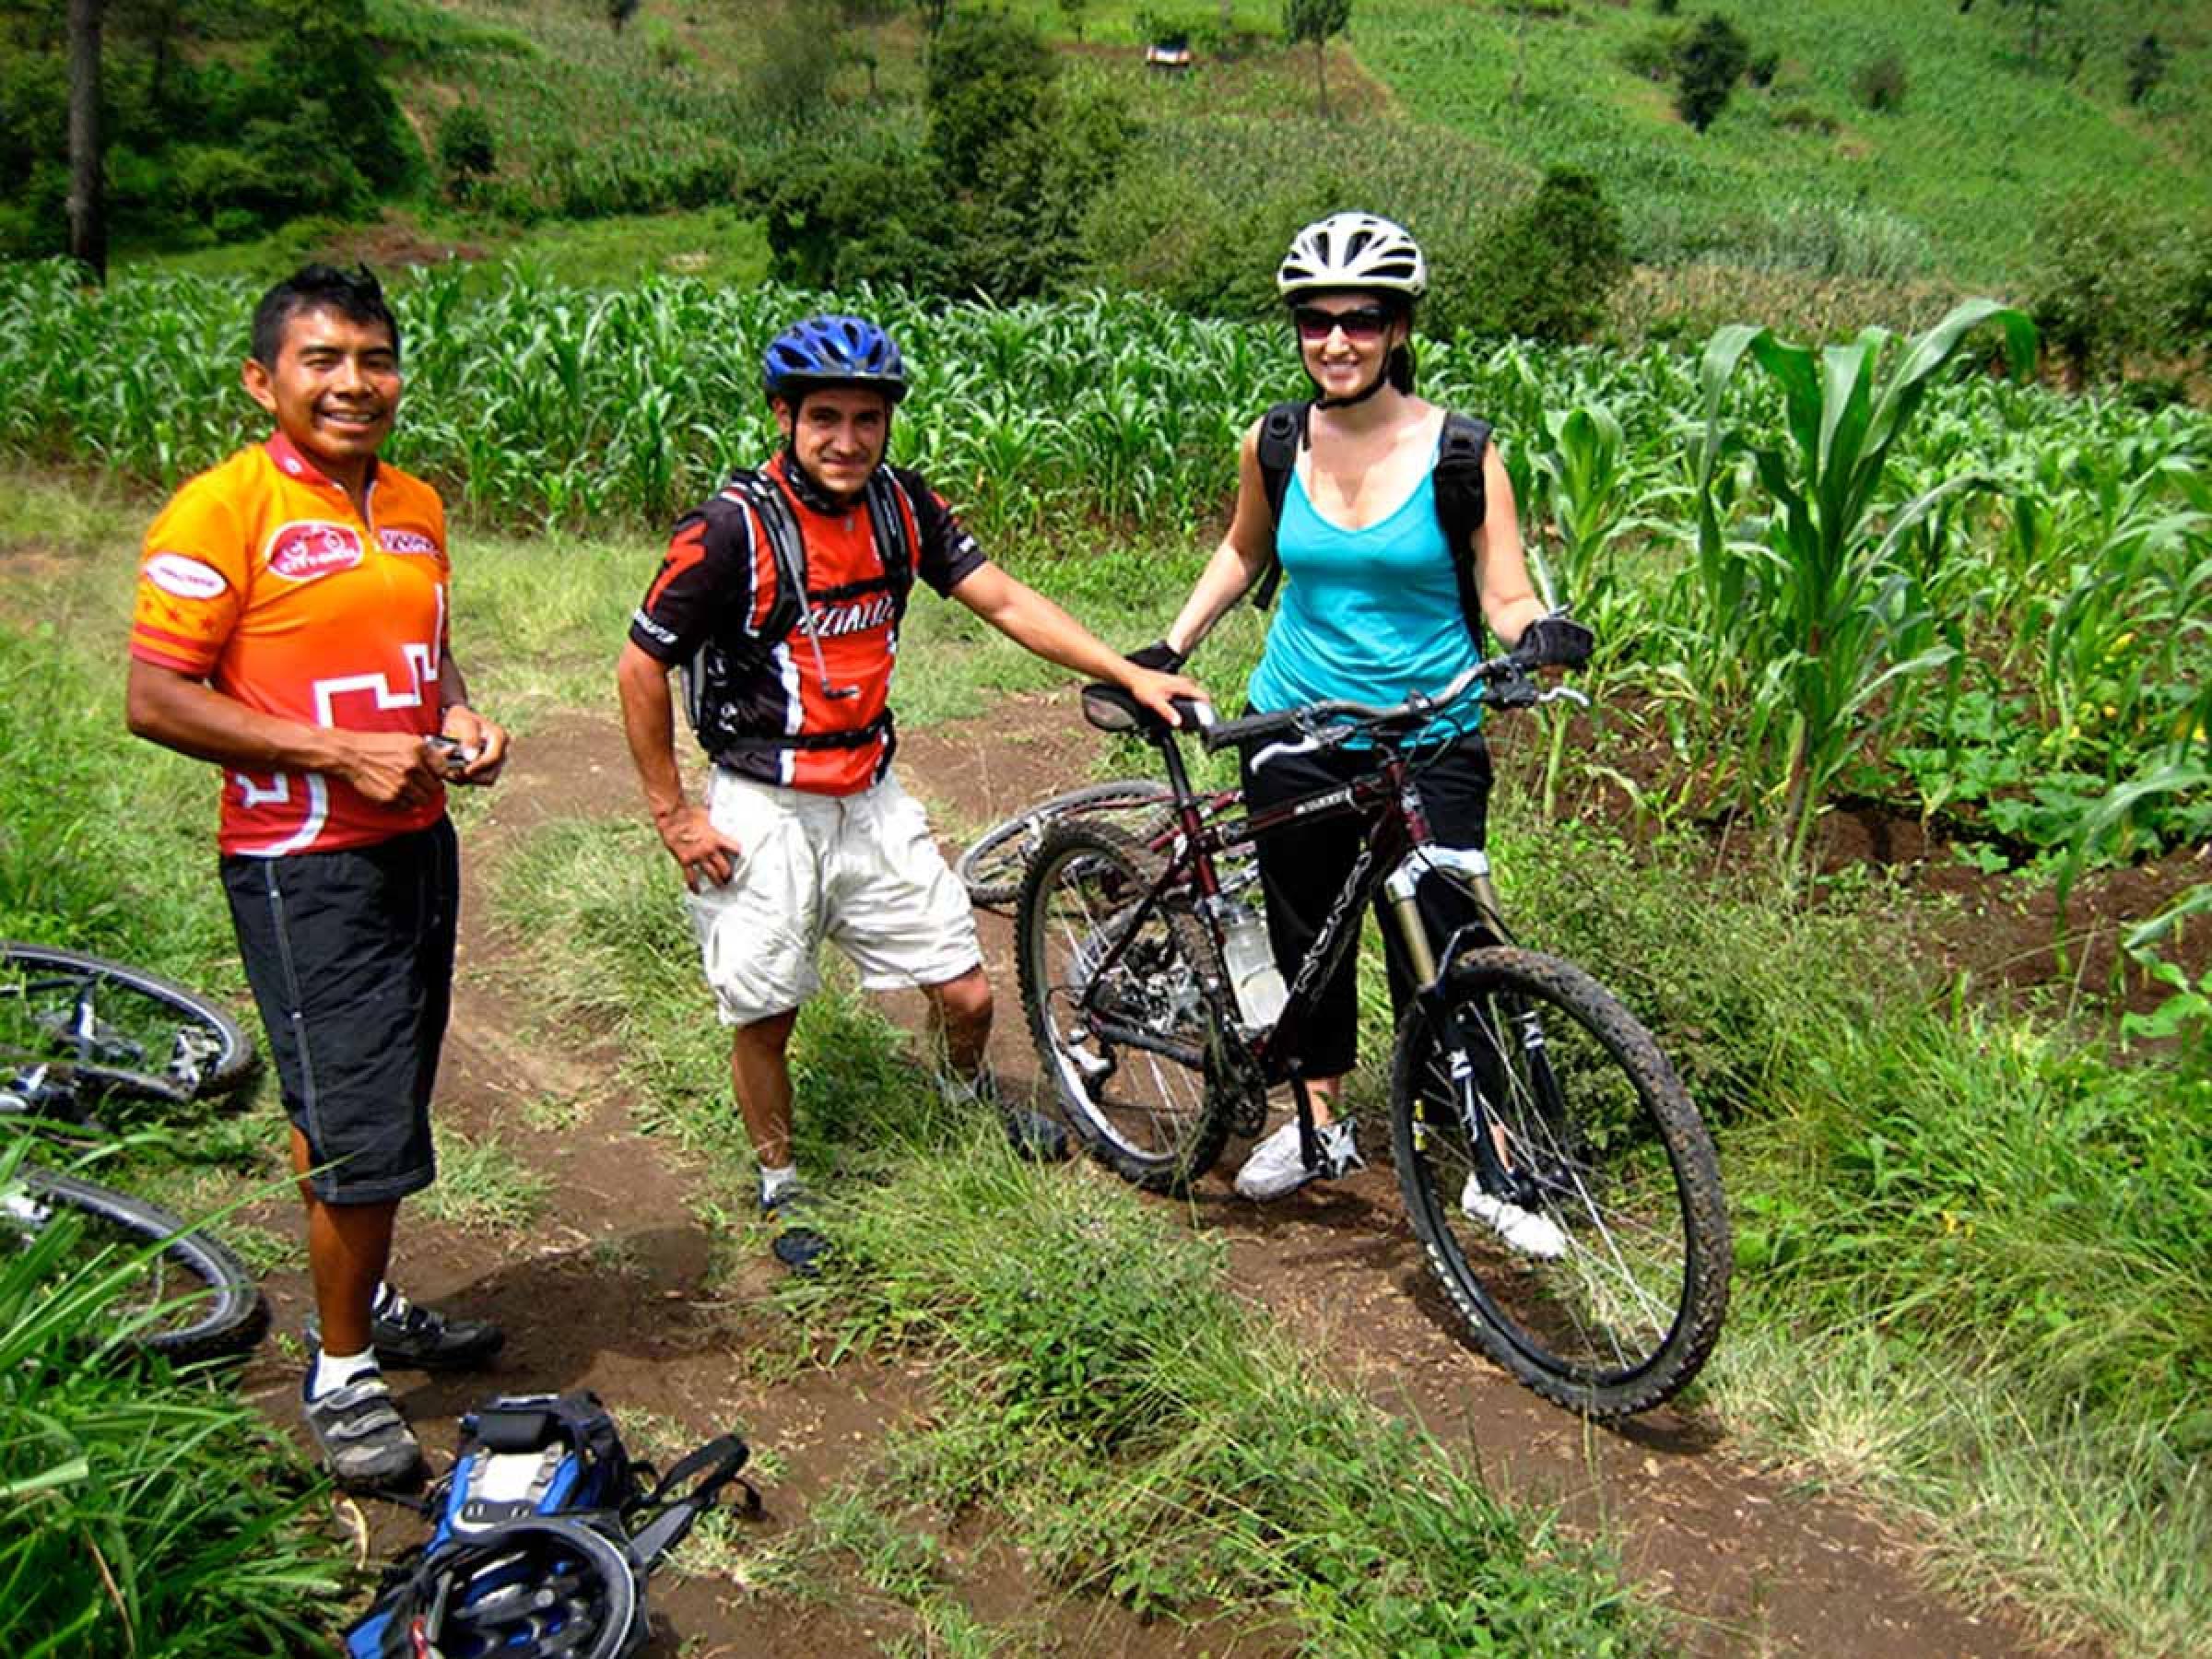 Tour de Ciclismo Extremo Atitlán